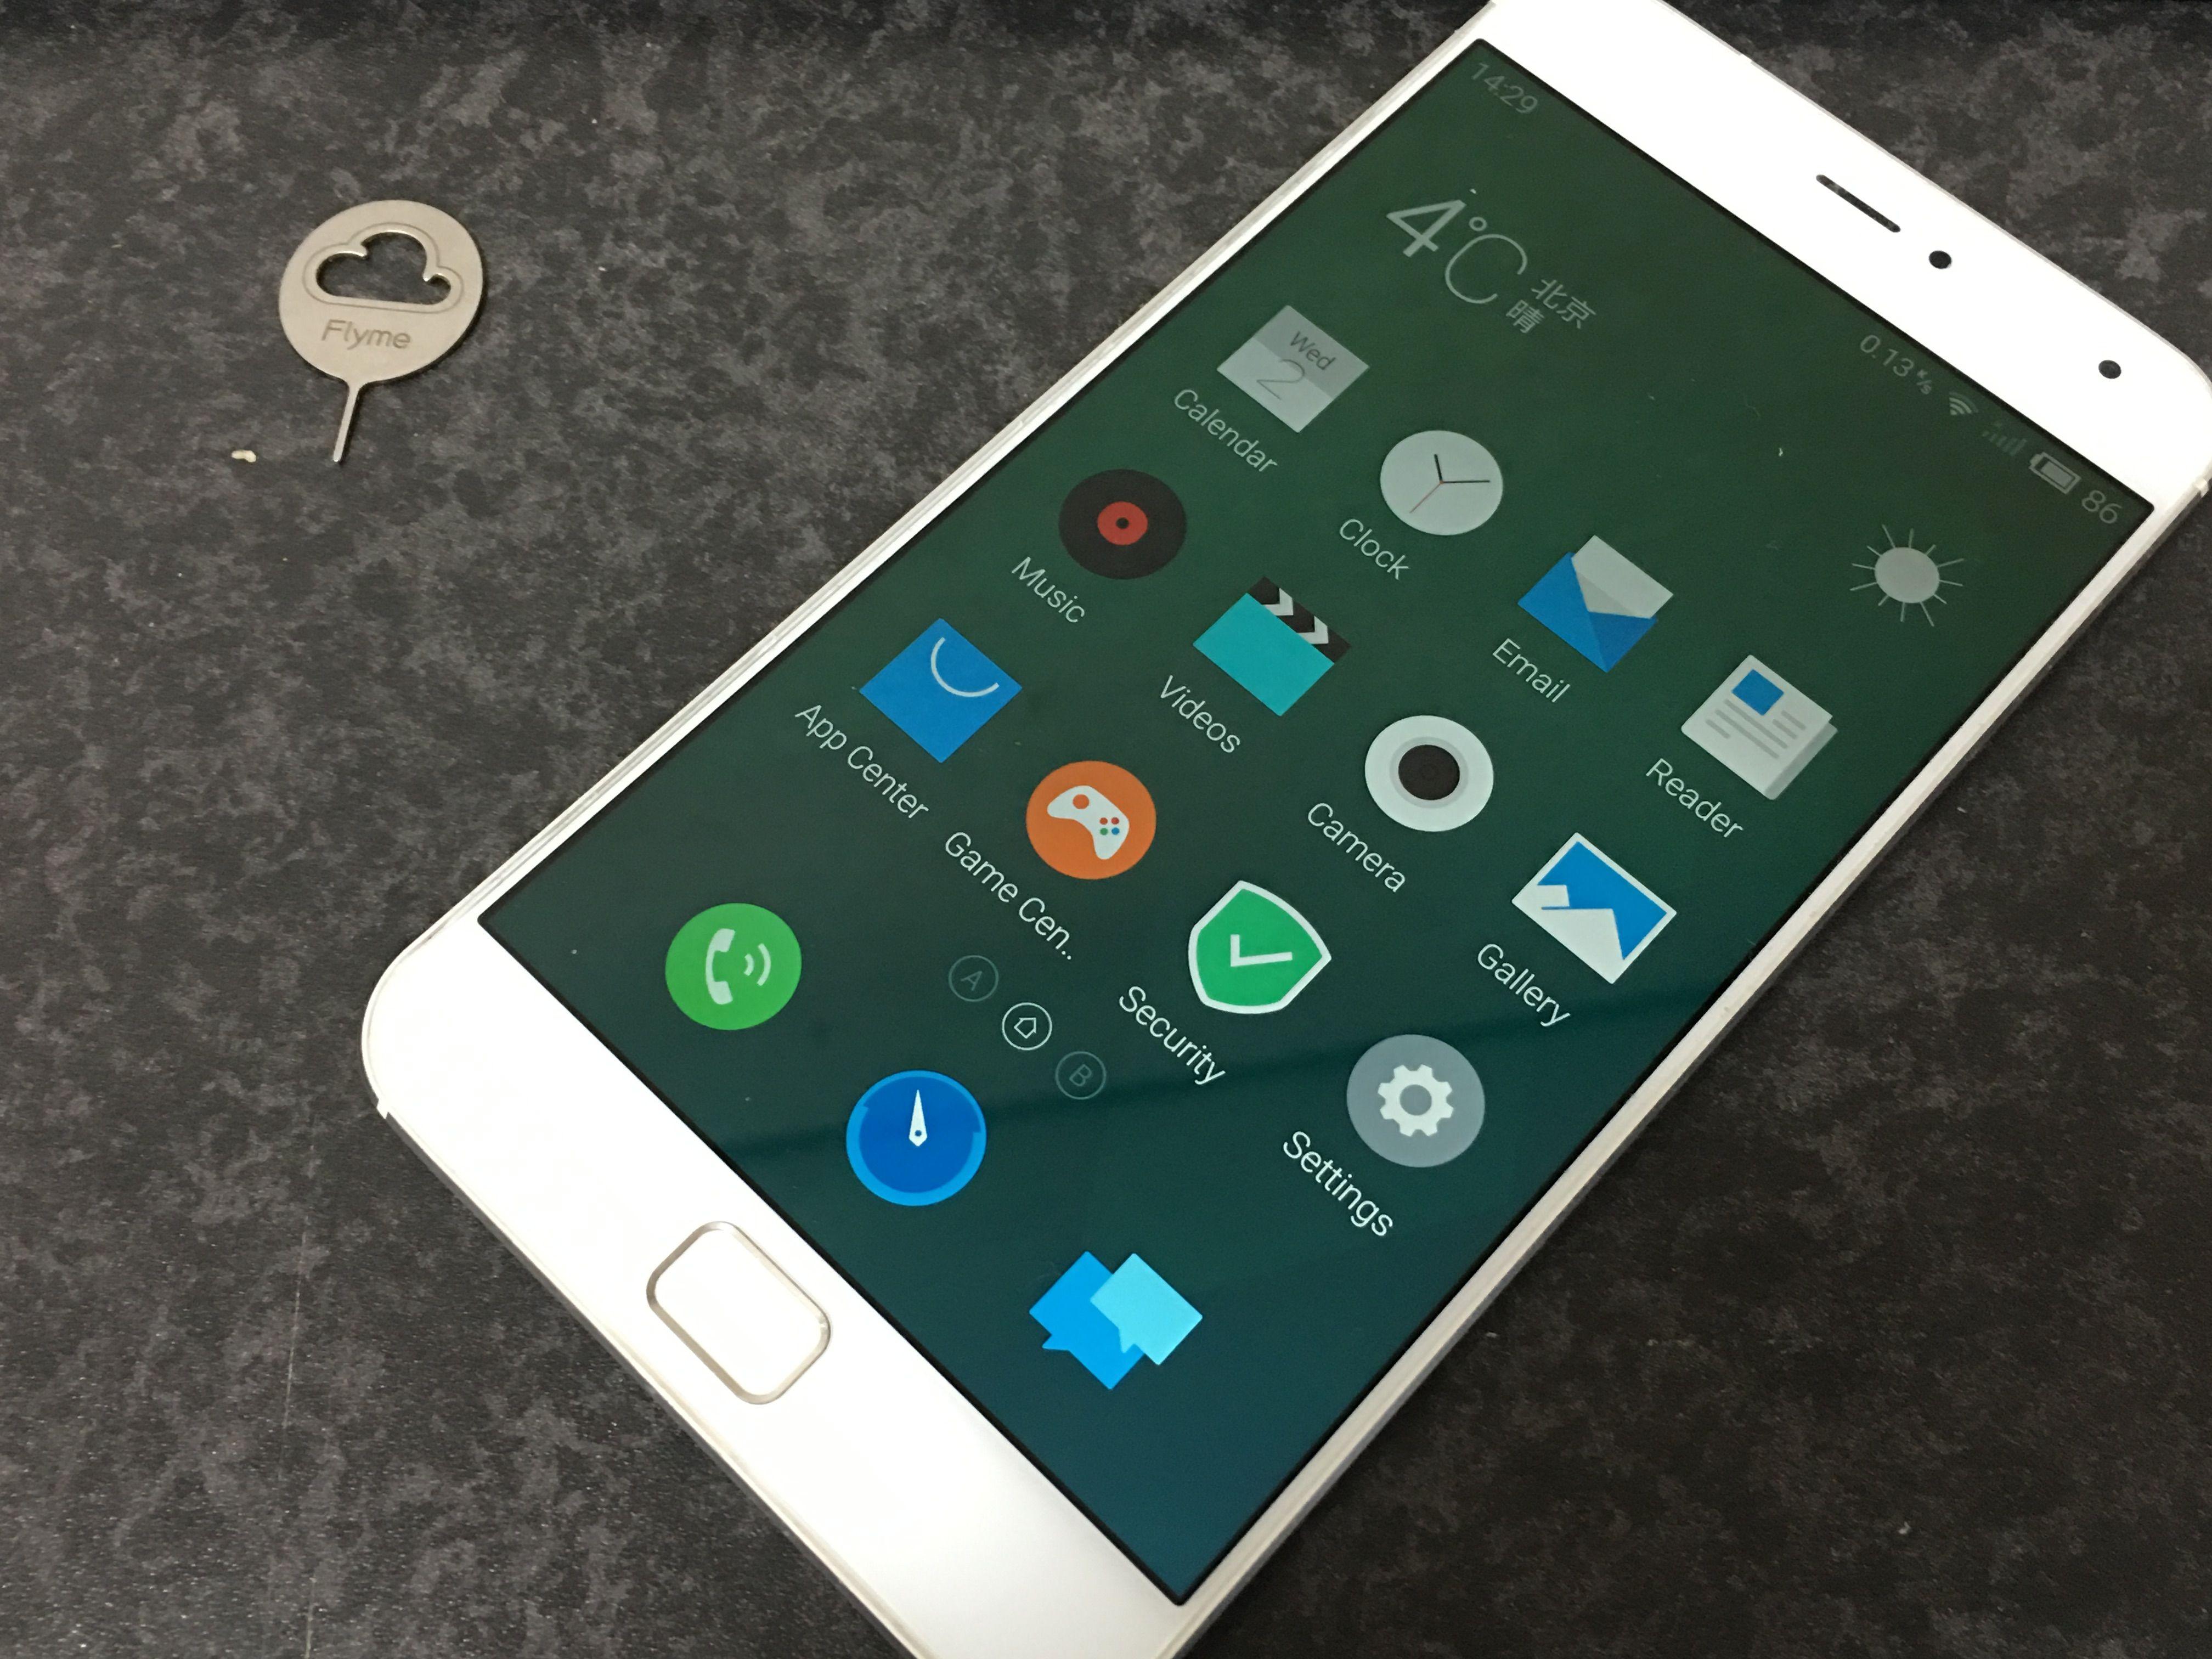 【今年のベストバイガジェット】Meizu唯一の2Kディスプレイ搭載スマートフォン「Meizu MX4 Pro」の魅力